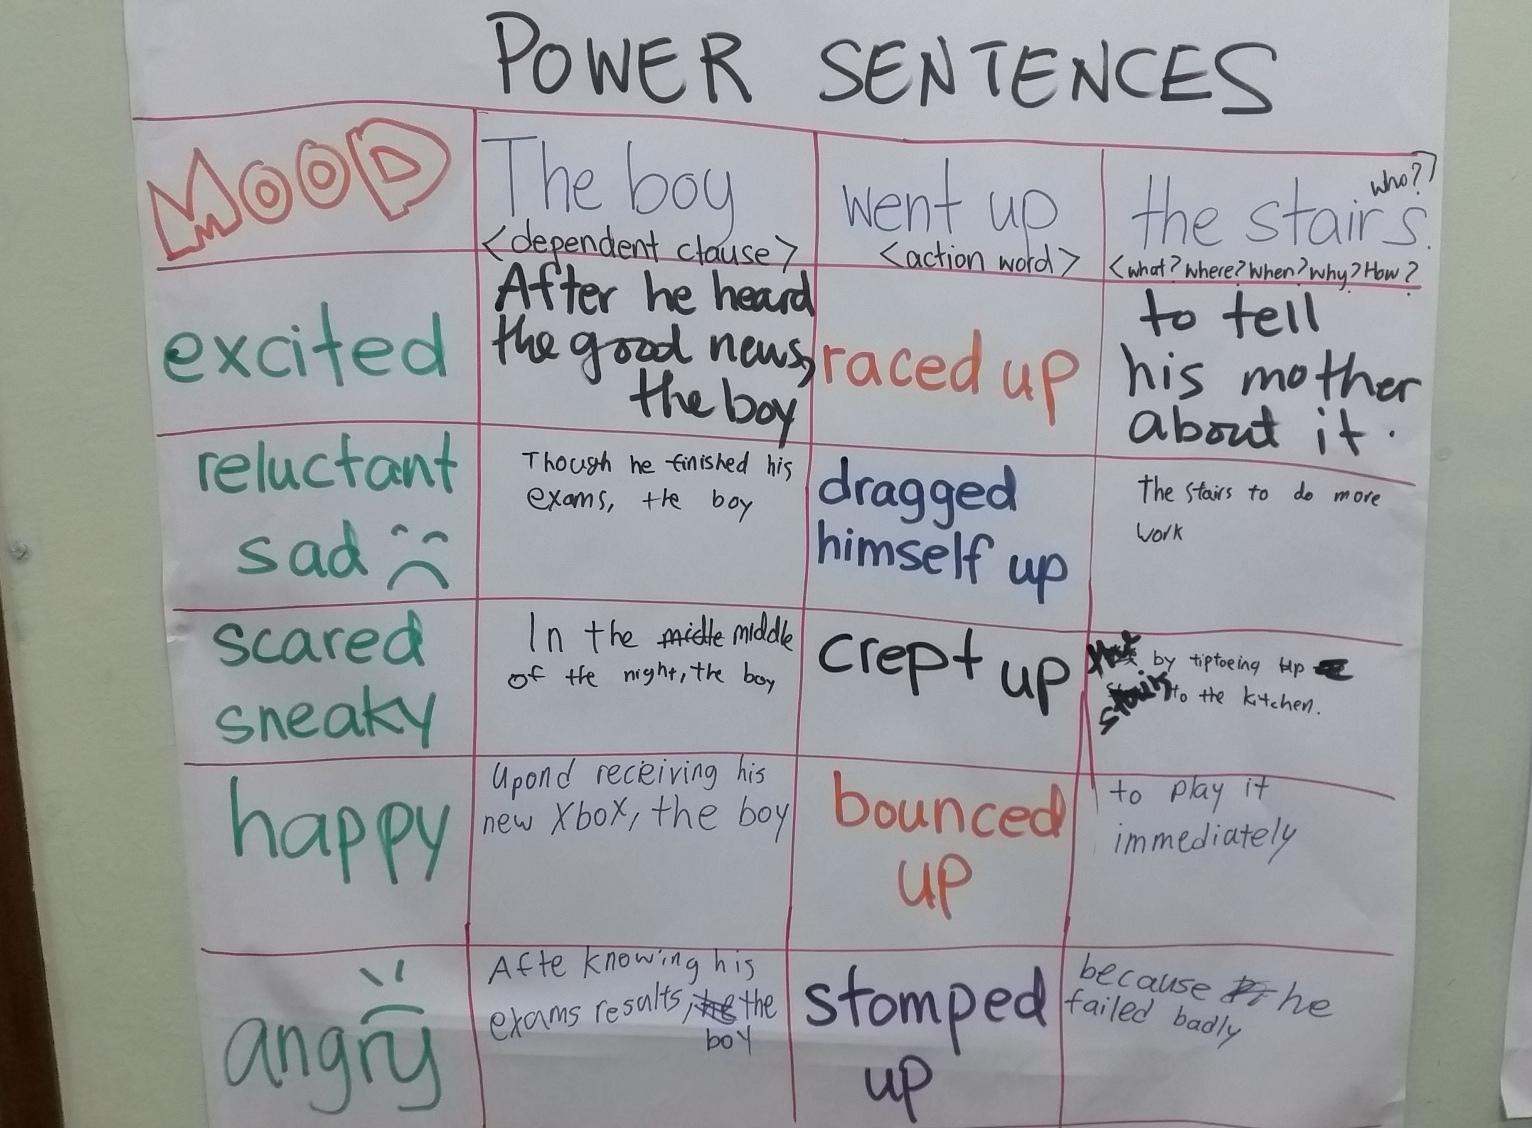 How To Write Power Sentences